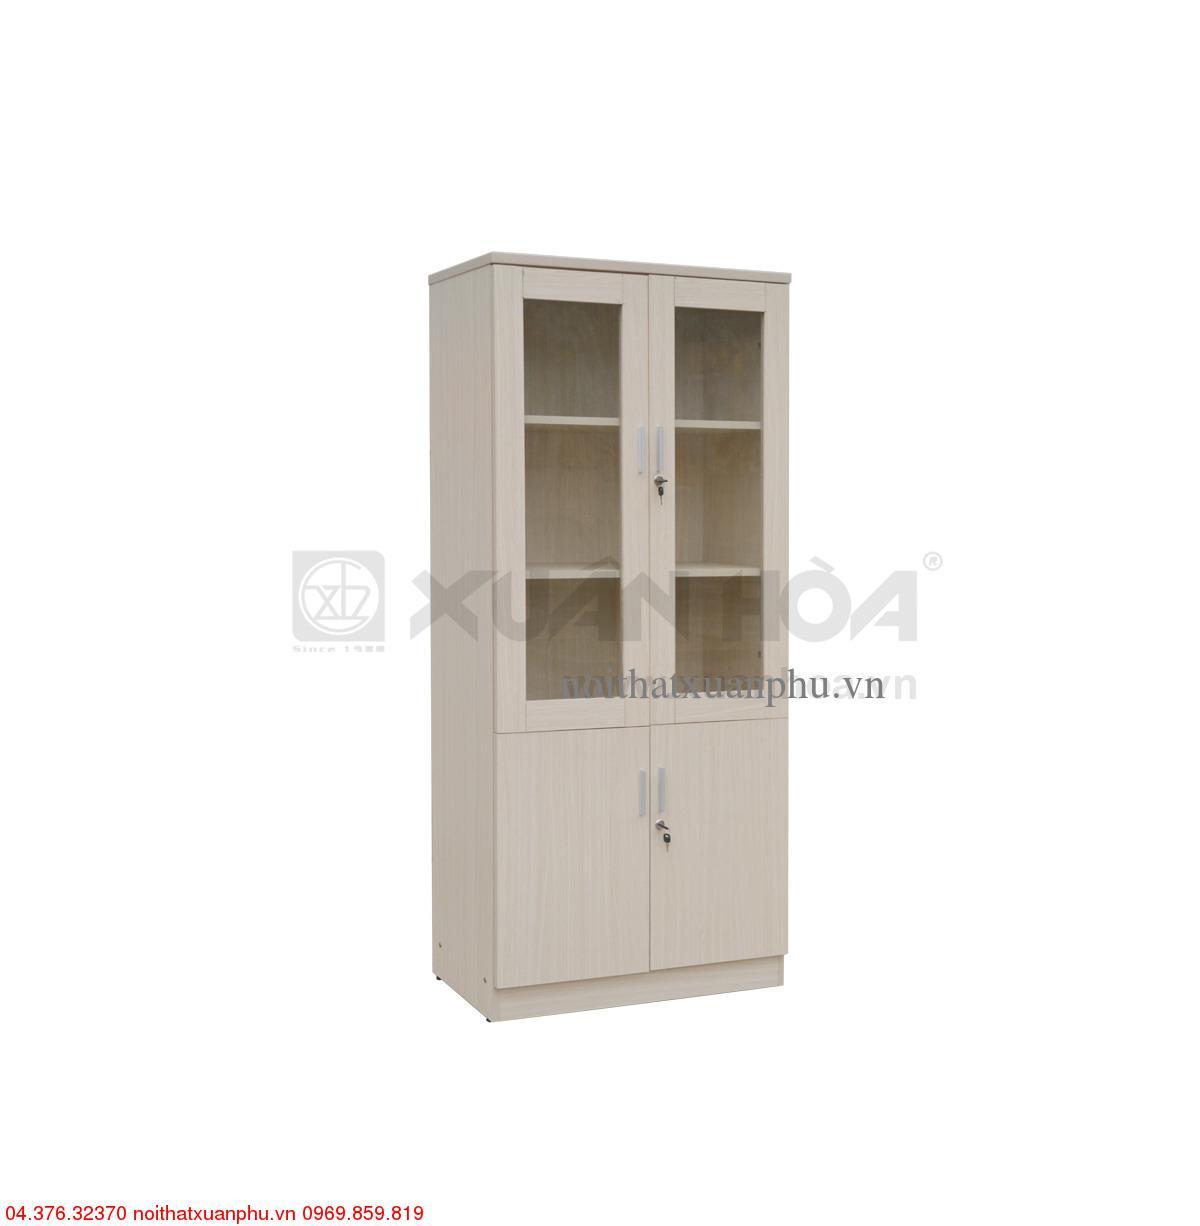 Hình ảnh sản phẩm Tủ gỗ văn phòng Xuân Hòa TG-14-00 80 x 40 x 183 cm